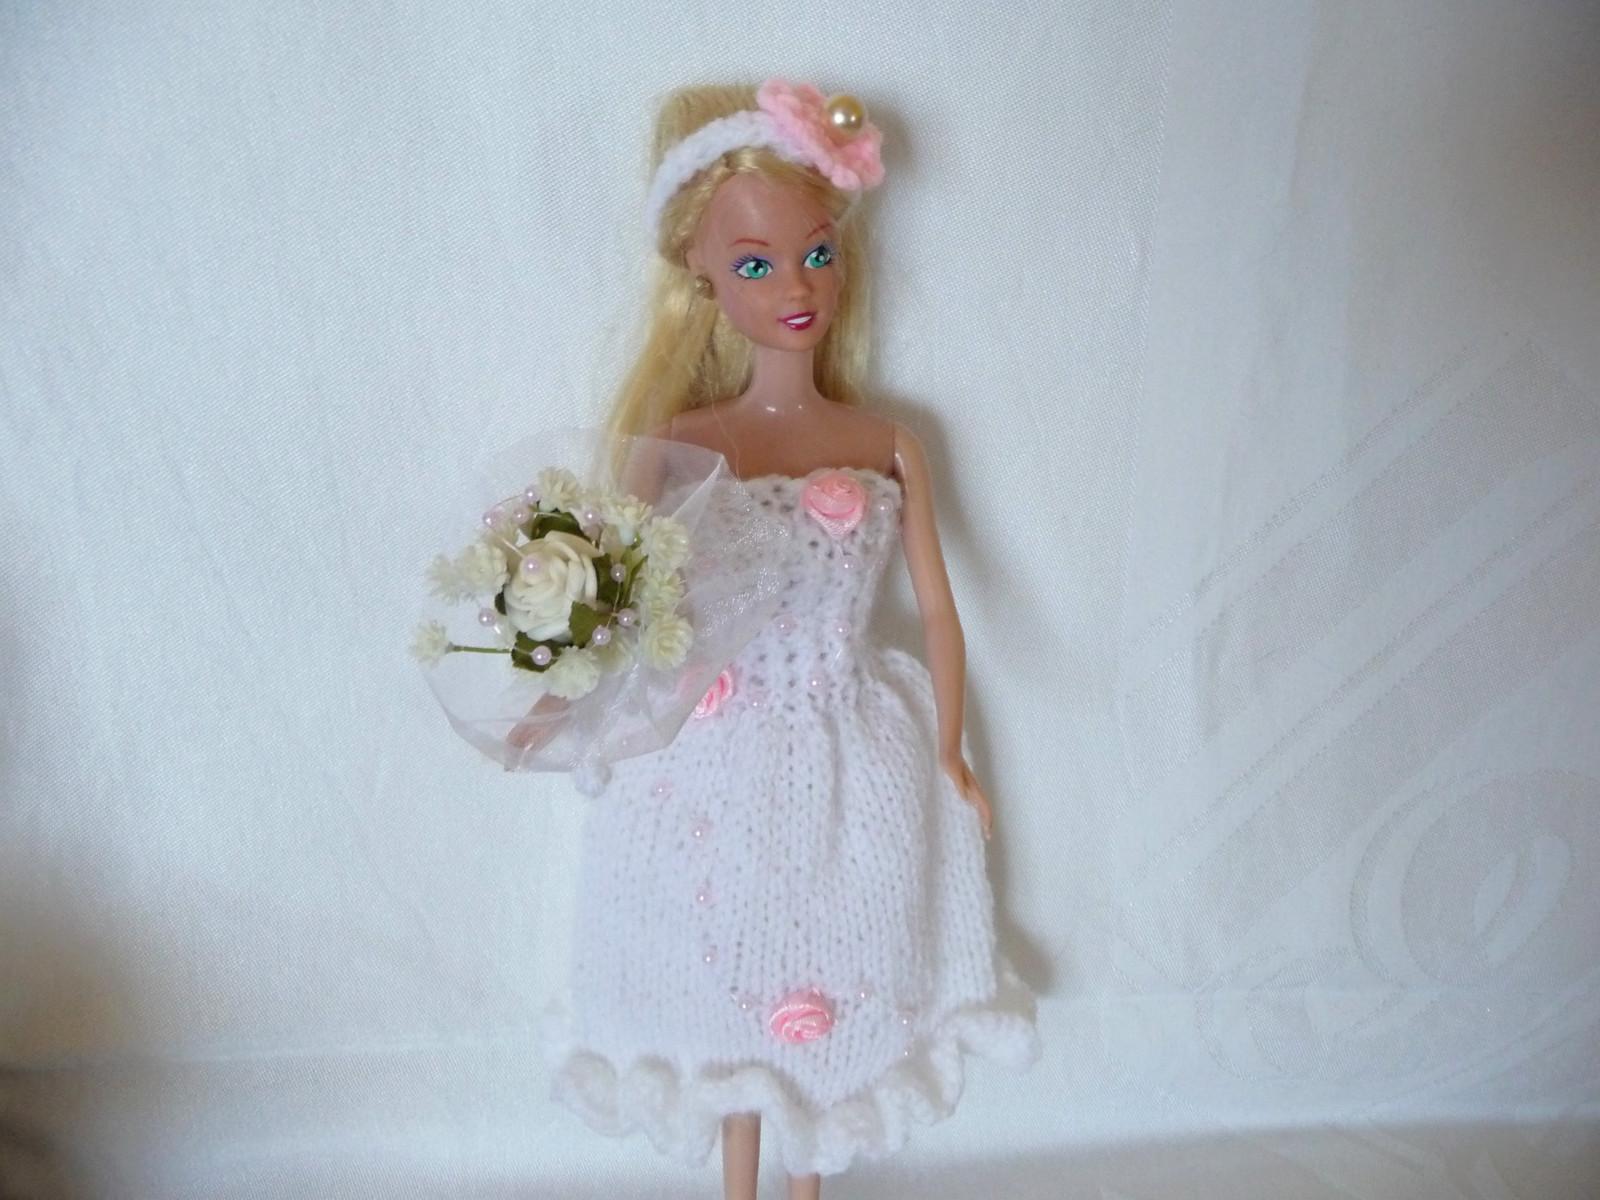 Svatební bílé šaty s růžičkami s čelenkou a kyticí   Zboží prodejce ... a86ceea0efa